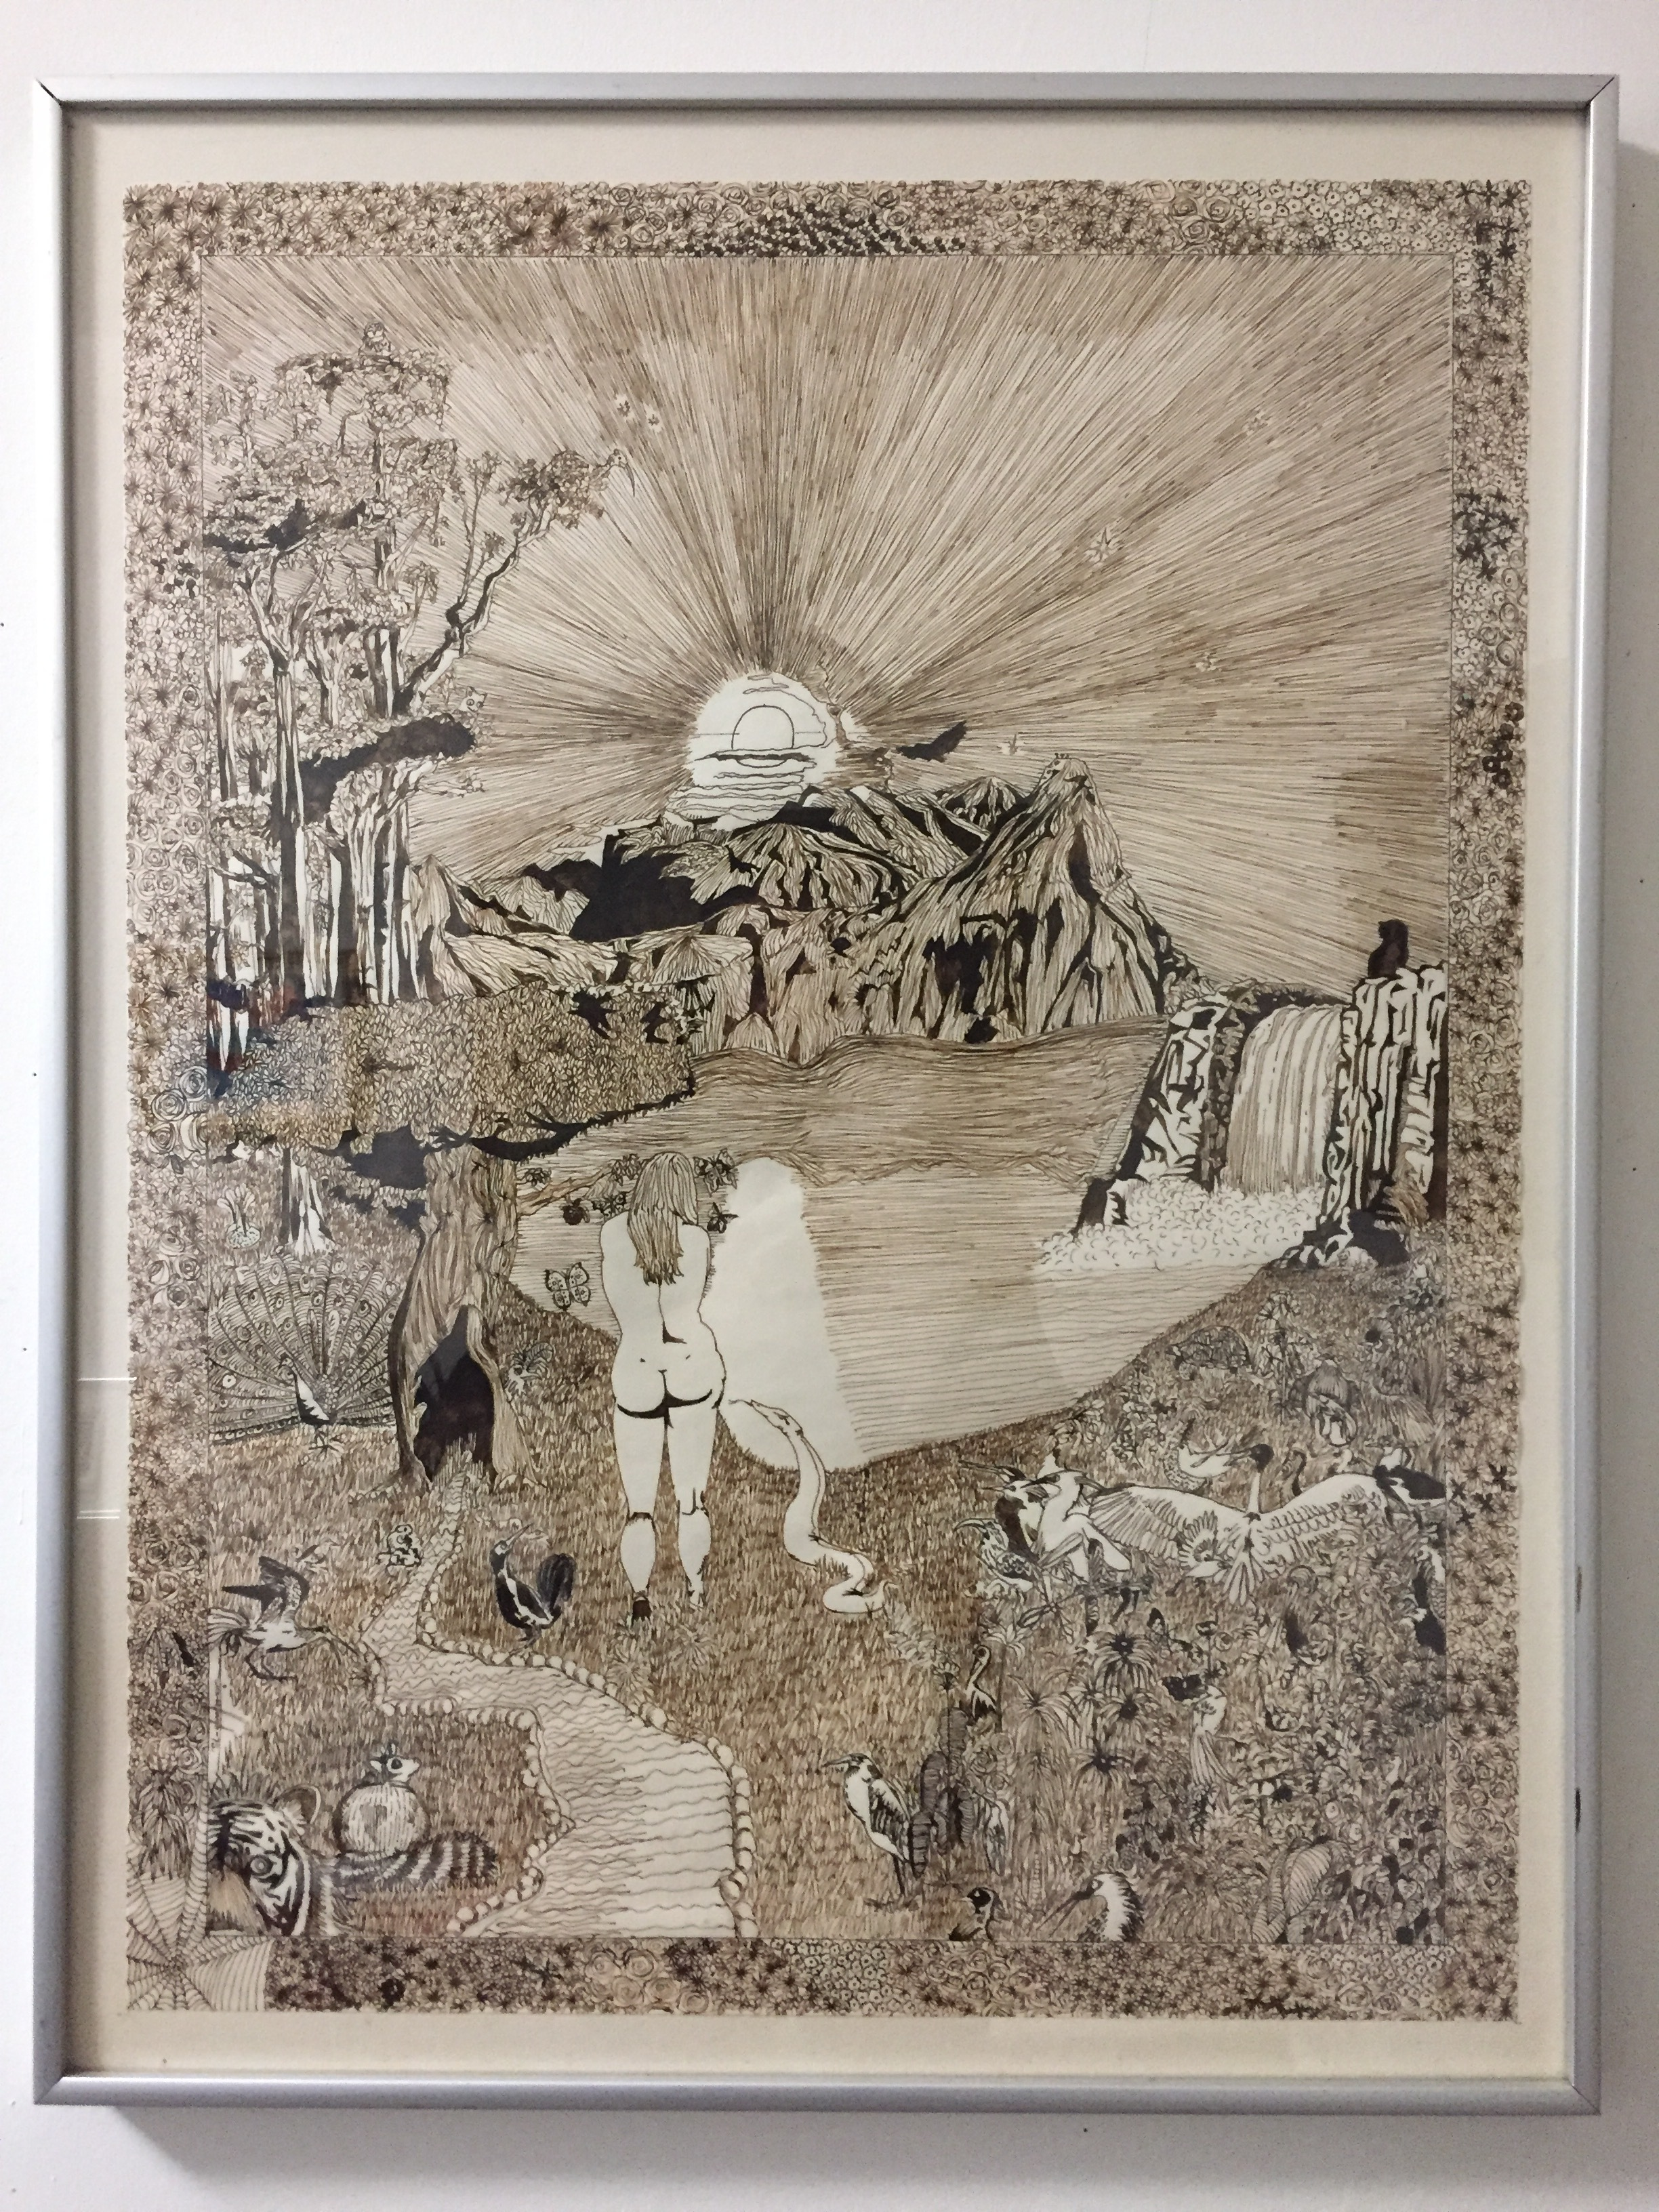 """Rick Kellough'Garden of Eden' - Ink on paper197520"""" x 25.5""""$125.00SOLD"""